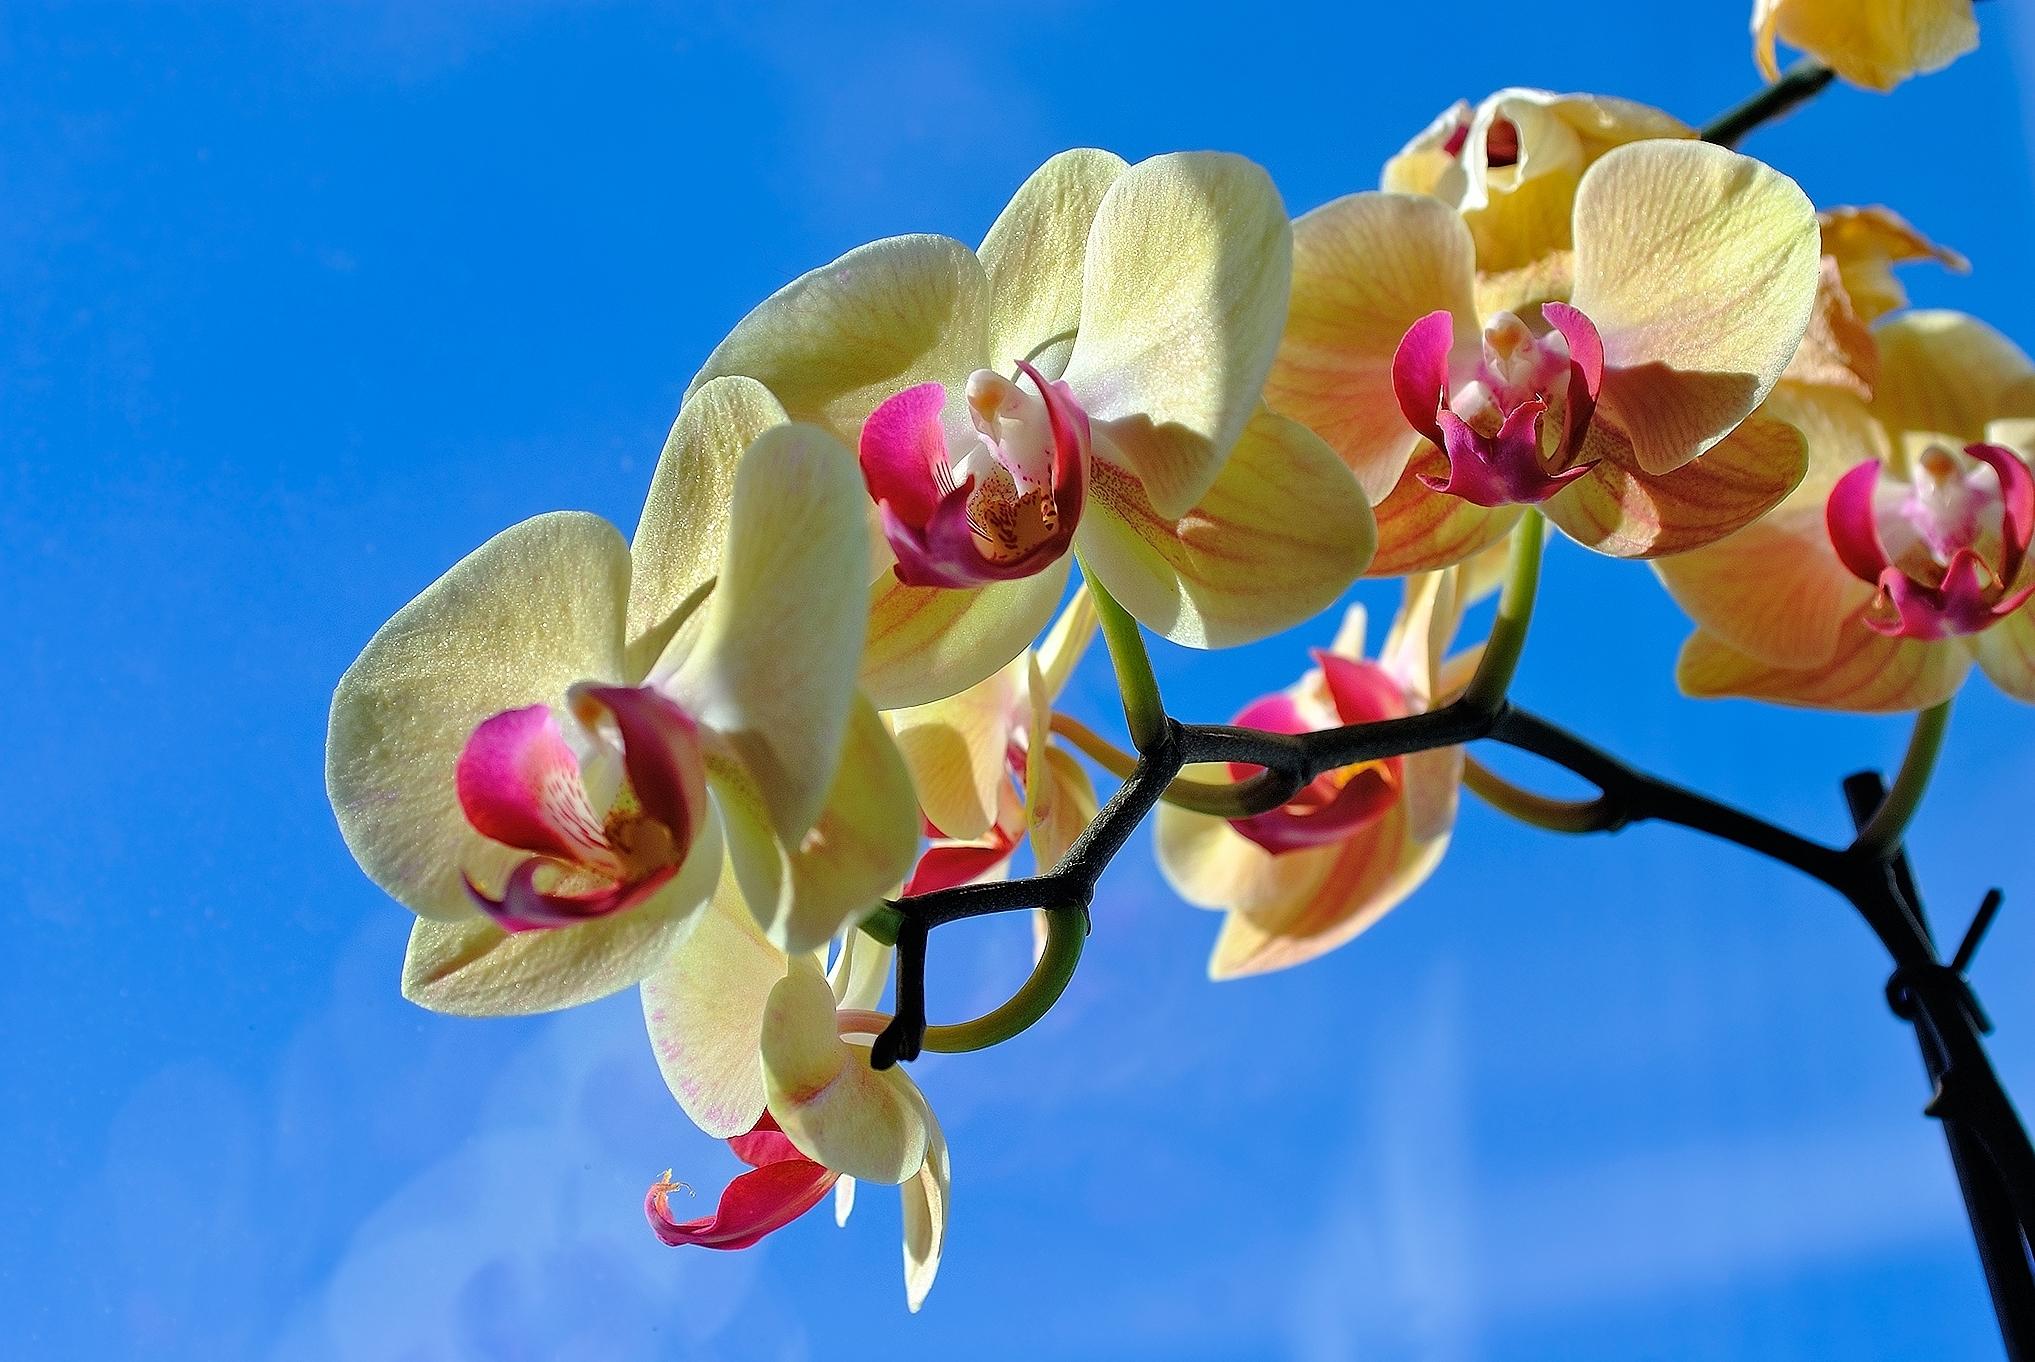 Картинки с орхидеями большого разрешения